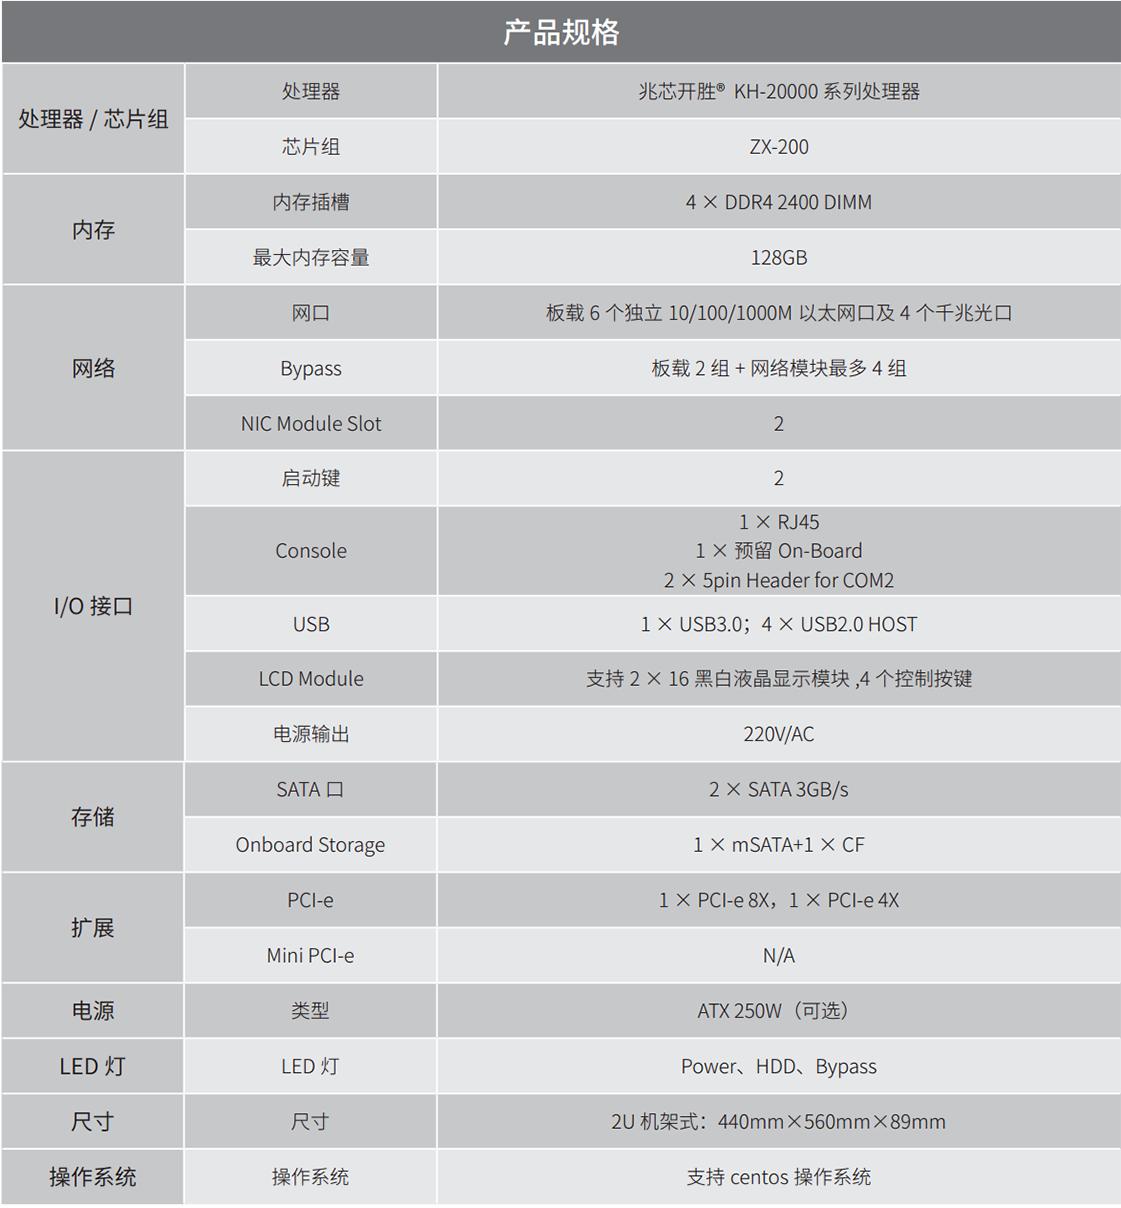 乐研 RIS-2199 1U/2U 机架式网络通讯平台